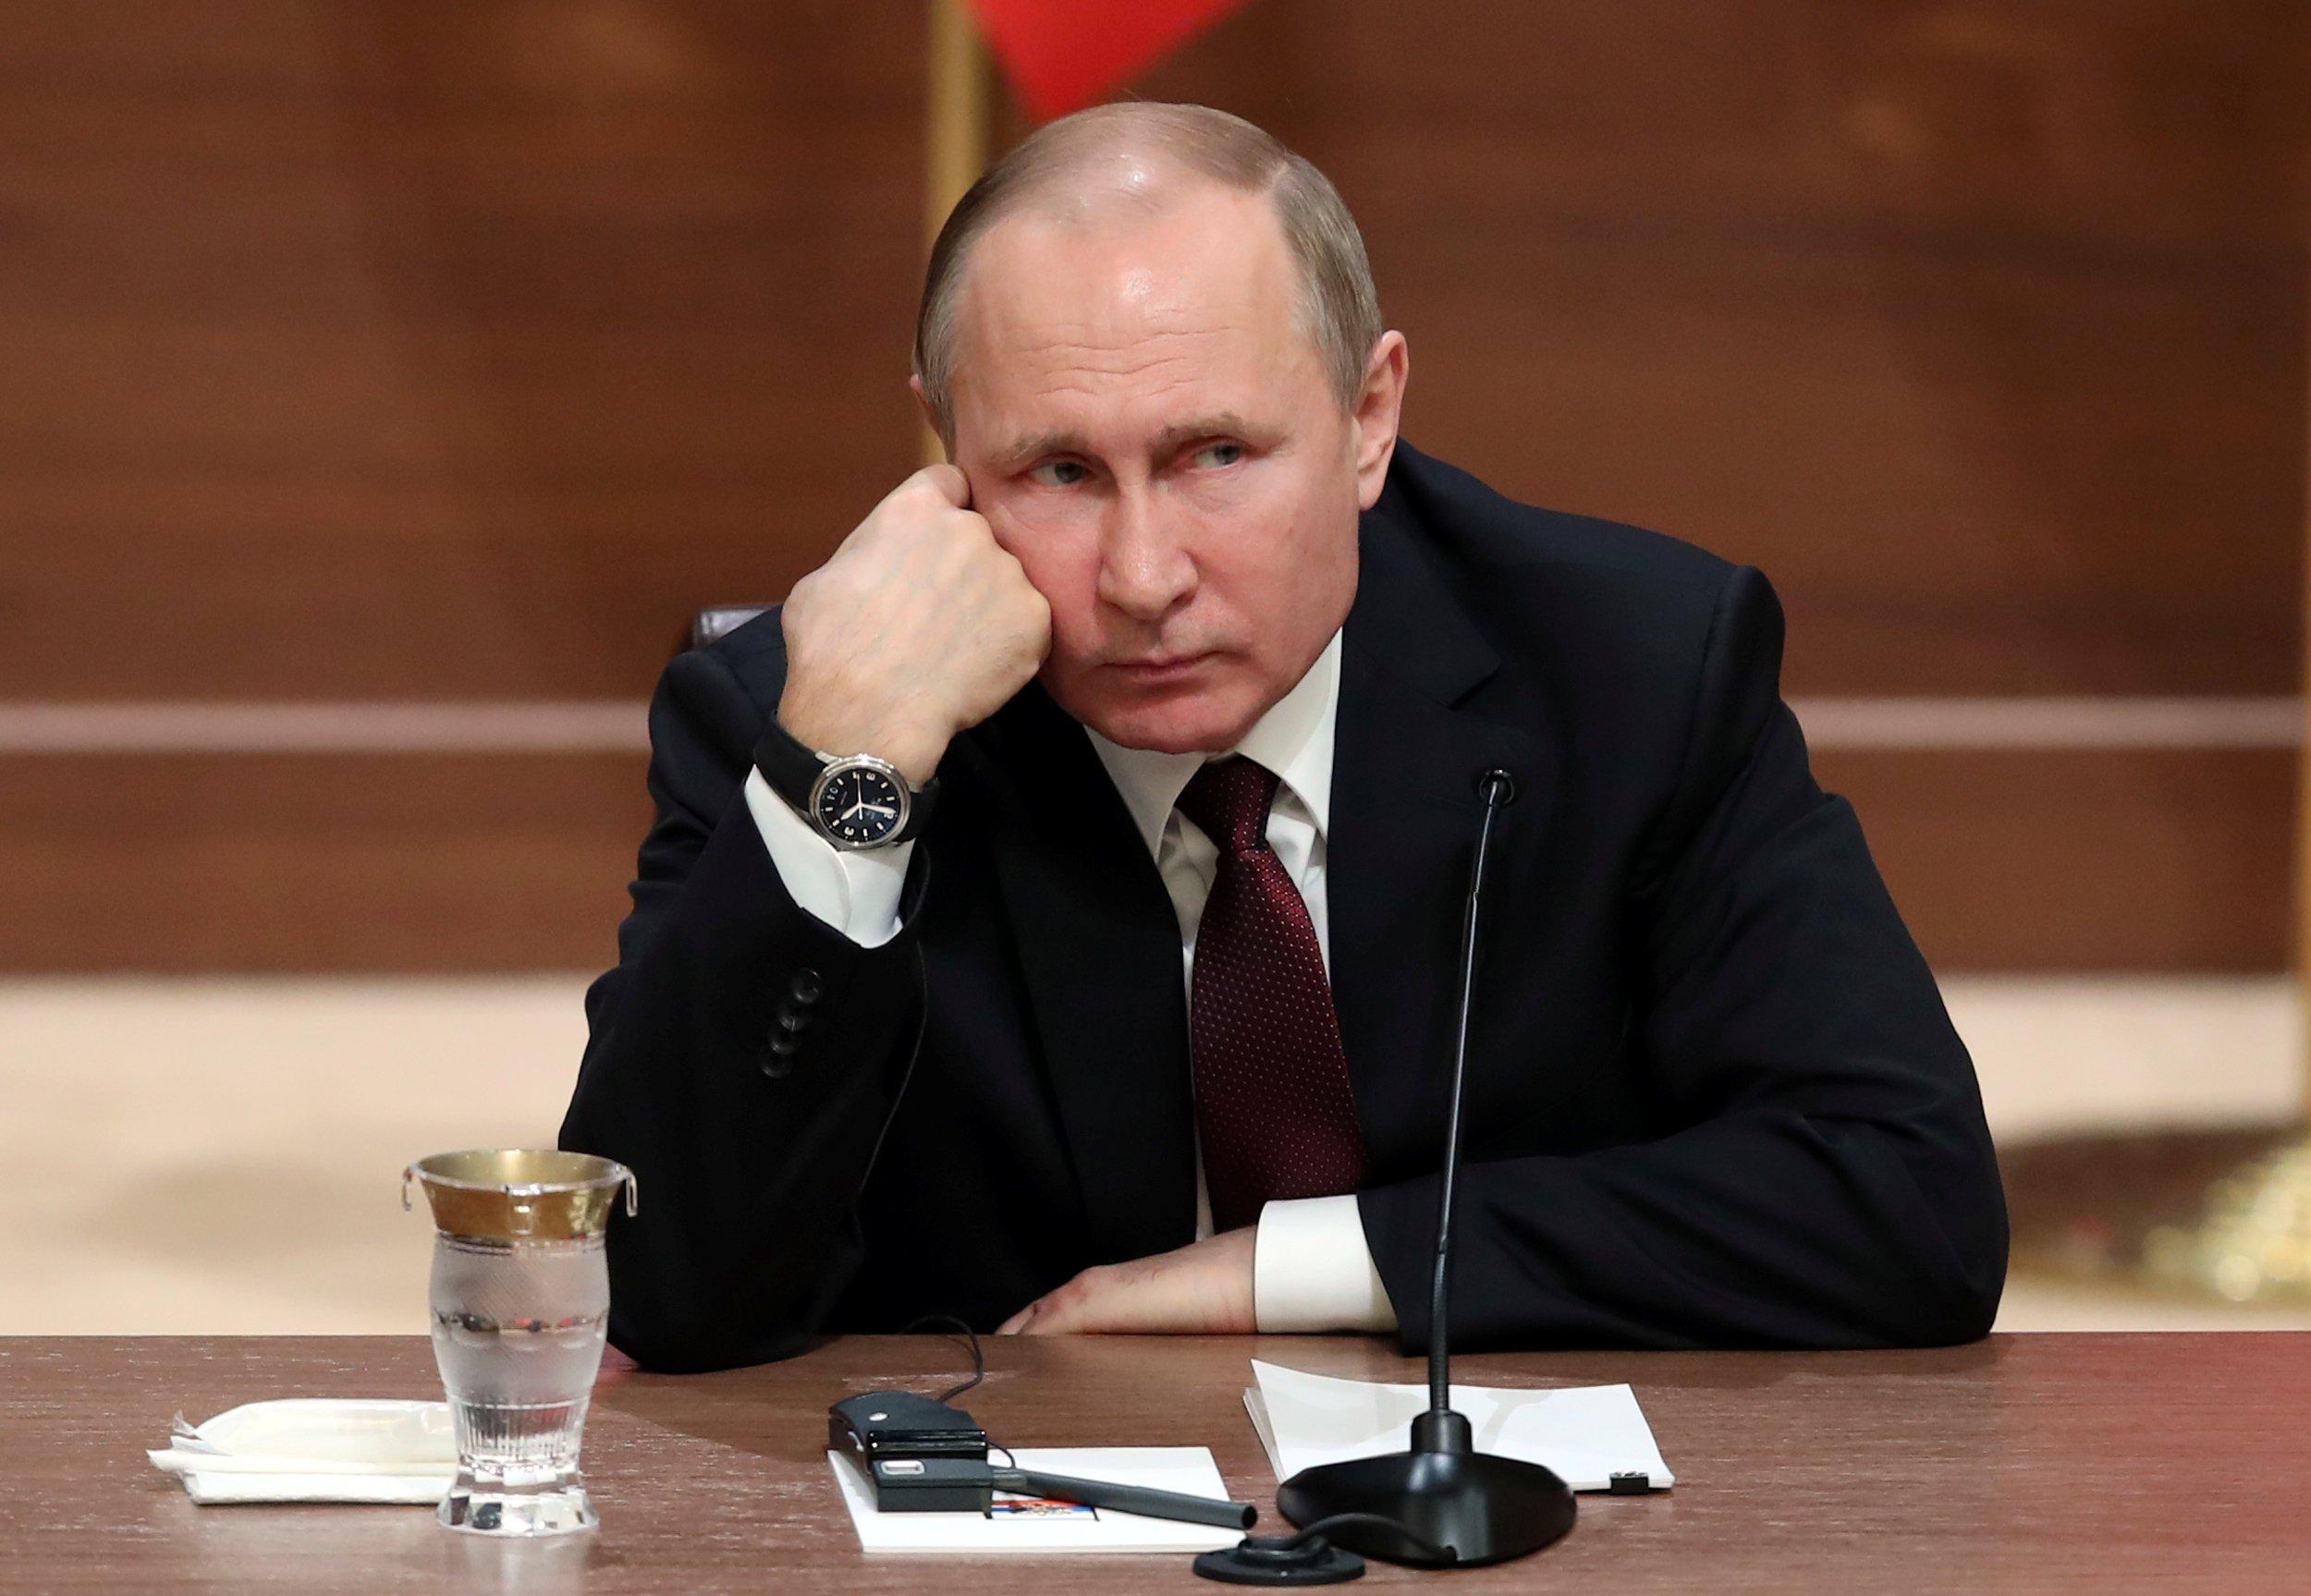 Бунт олигархов в РФ, даже если он произойдет, вряд ли заставит Владимира Путина поменять поведение, полагает эксперт